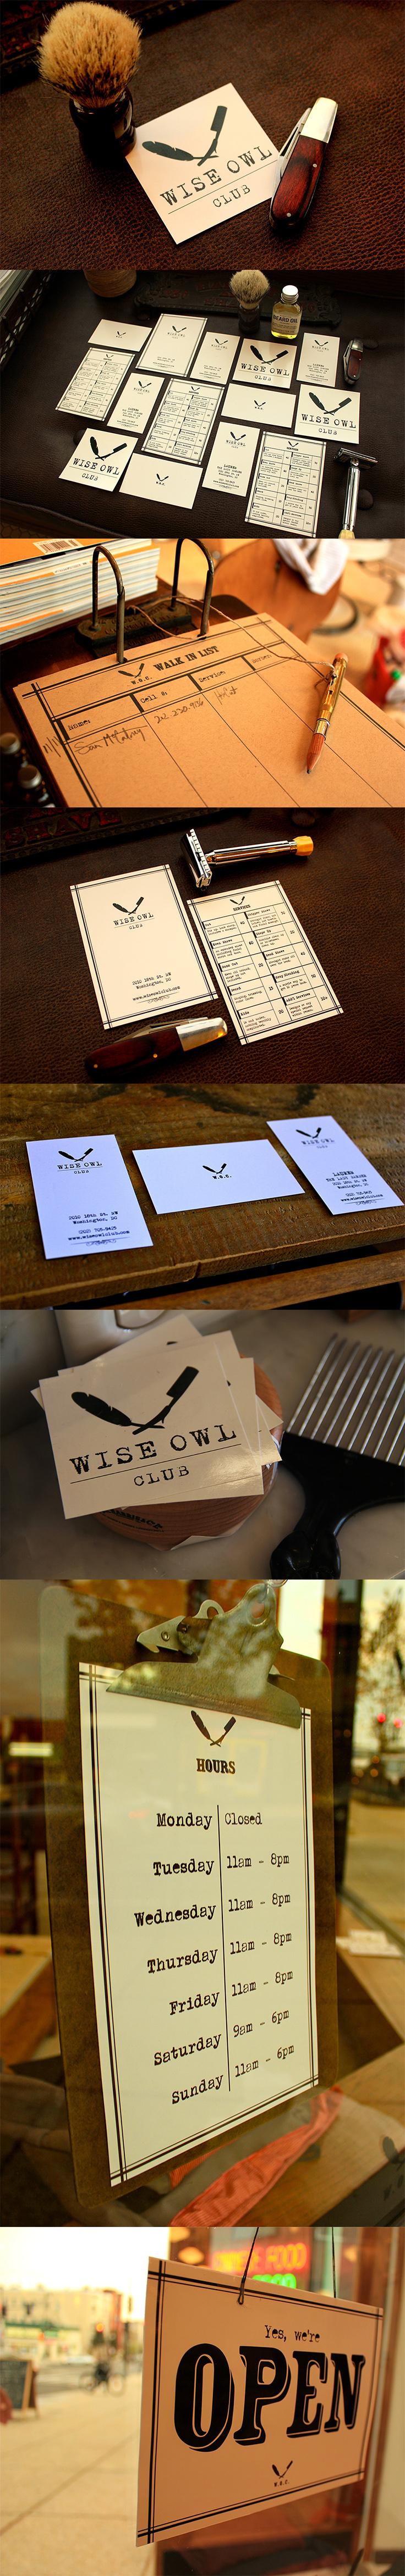 Wise Owl Club Branding, Barbershop, Adams Morgan DC, Business Cards ...